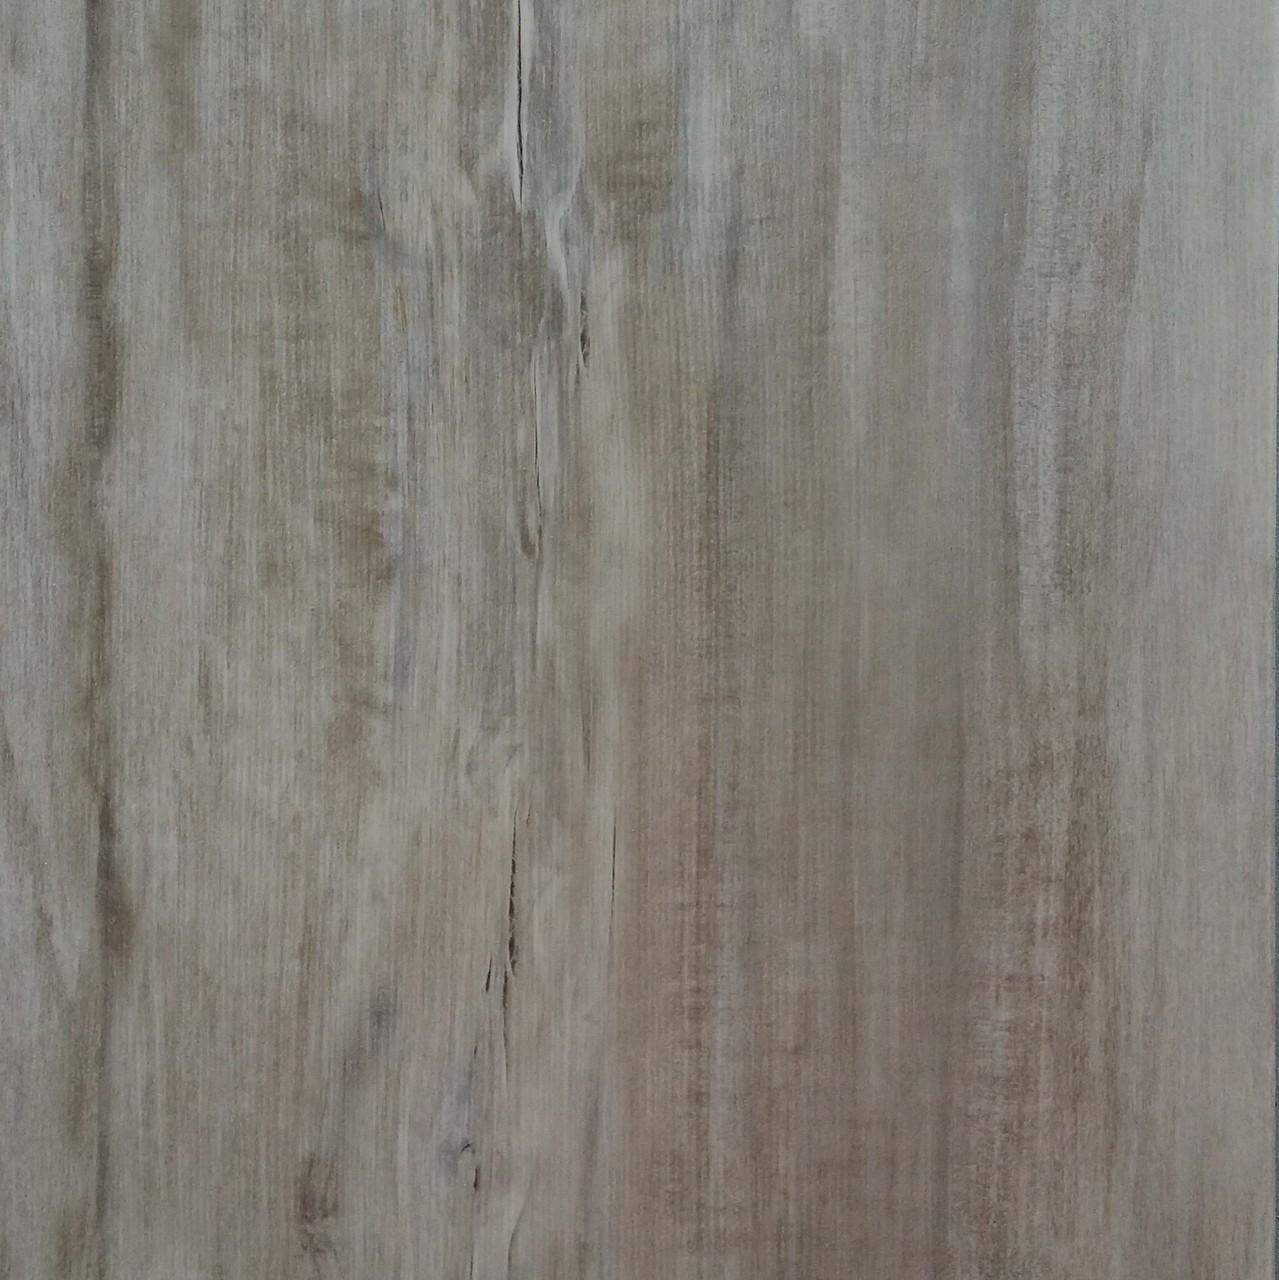 Buy Now: Congoleum Triversa Luxury Vinyl Plank Applewood